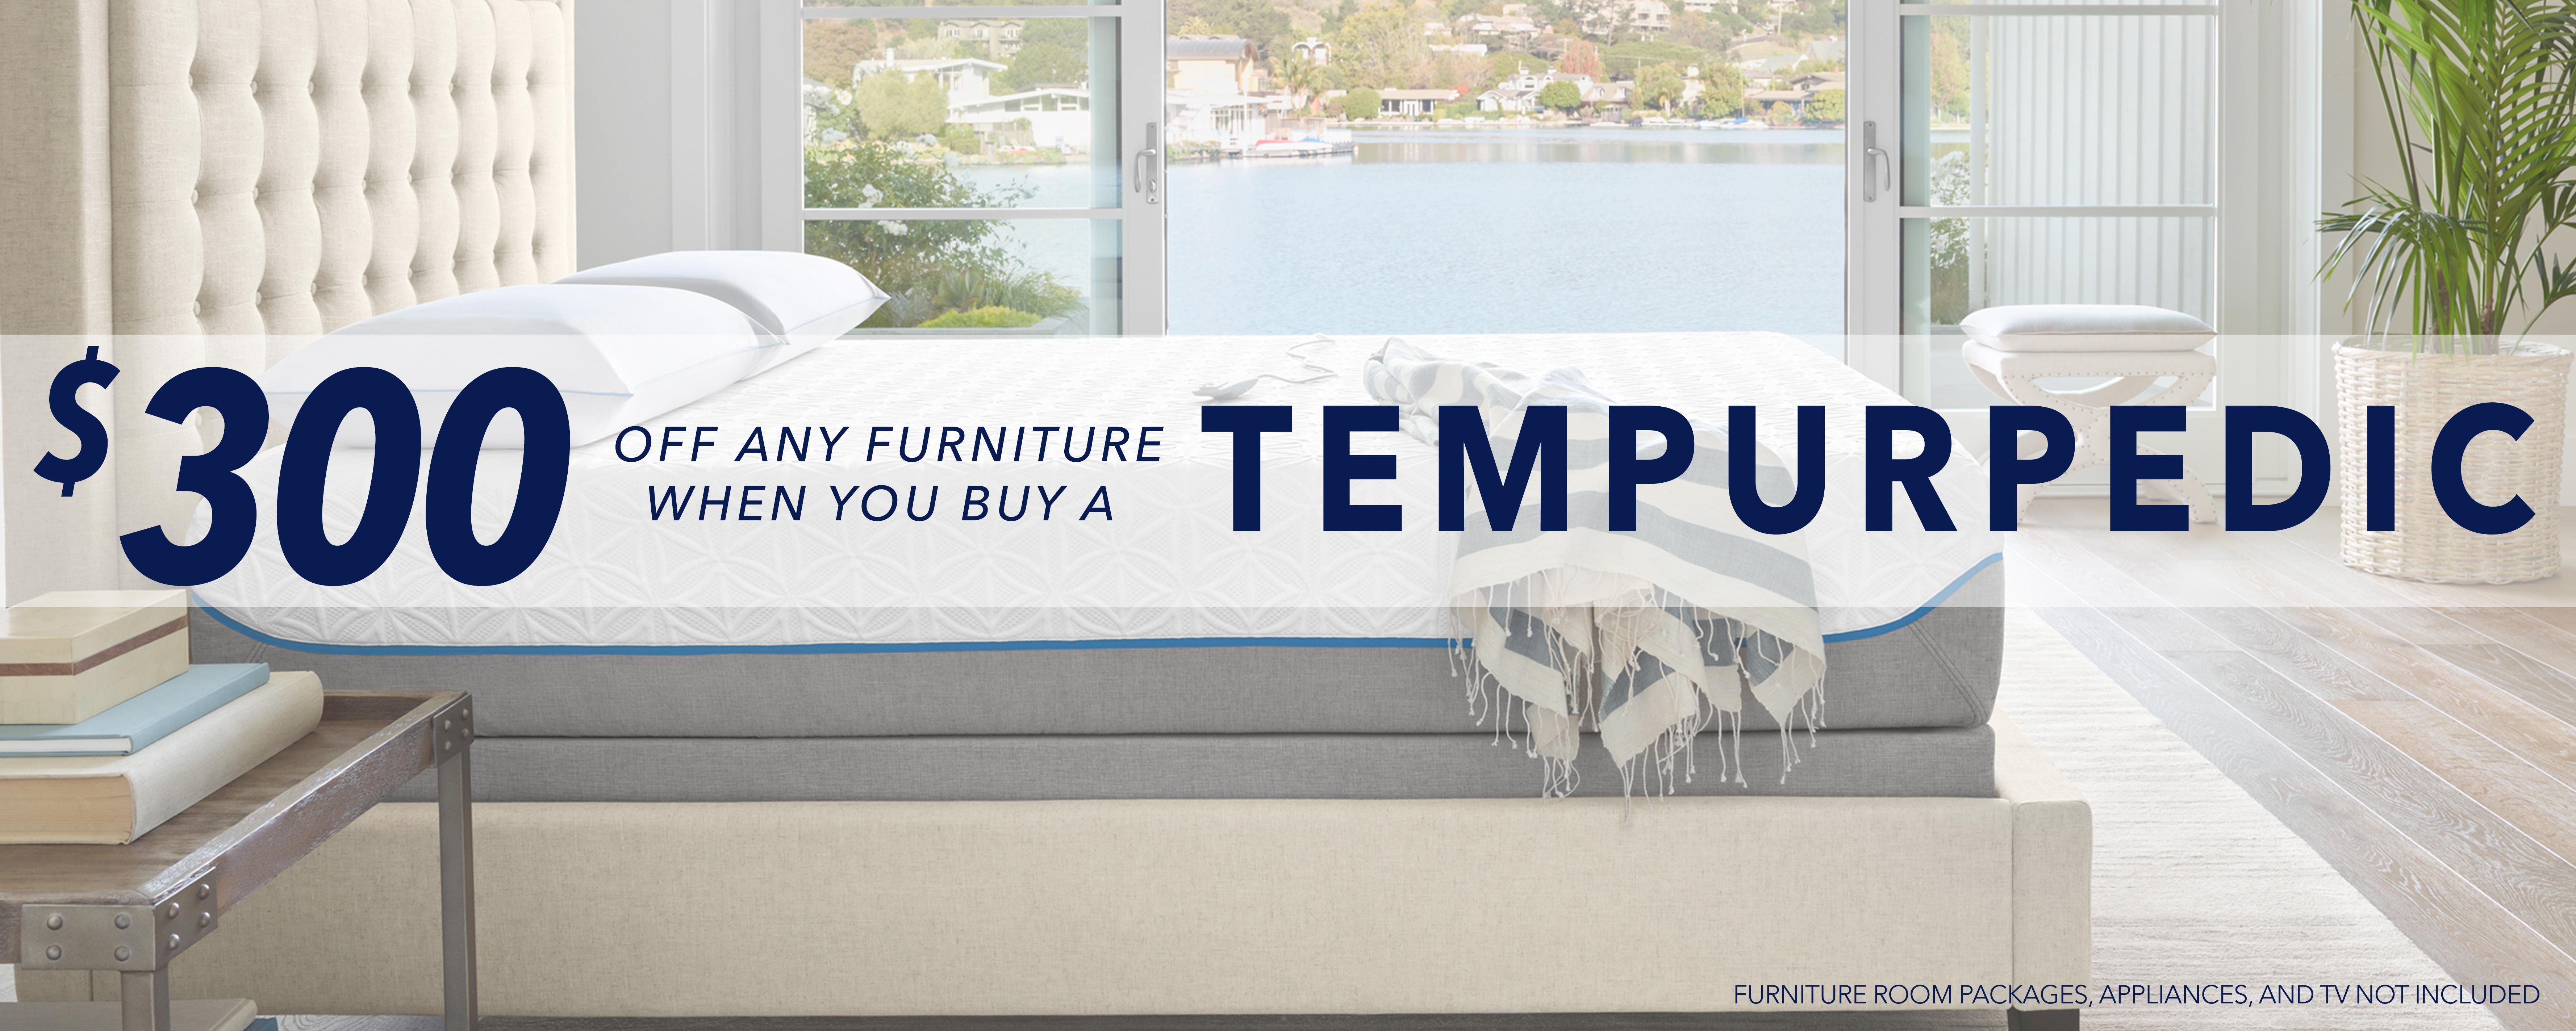 Find High Quality Affordable Home Furniture in Shreveport, LA